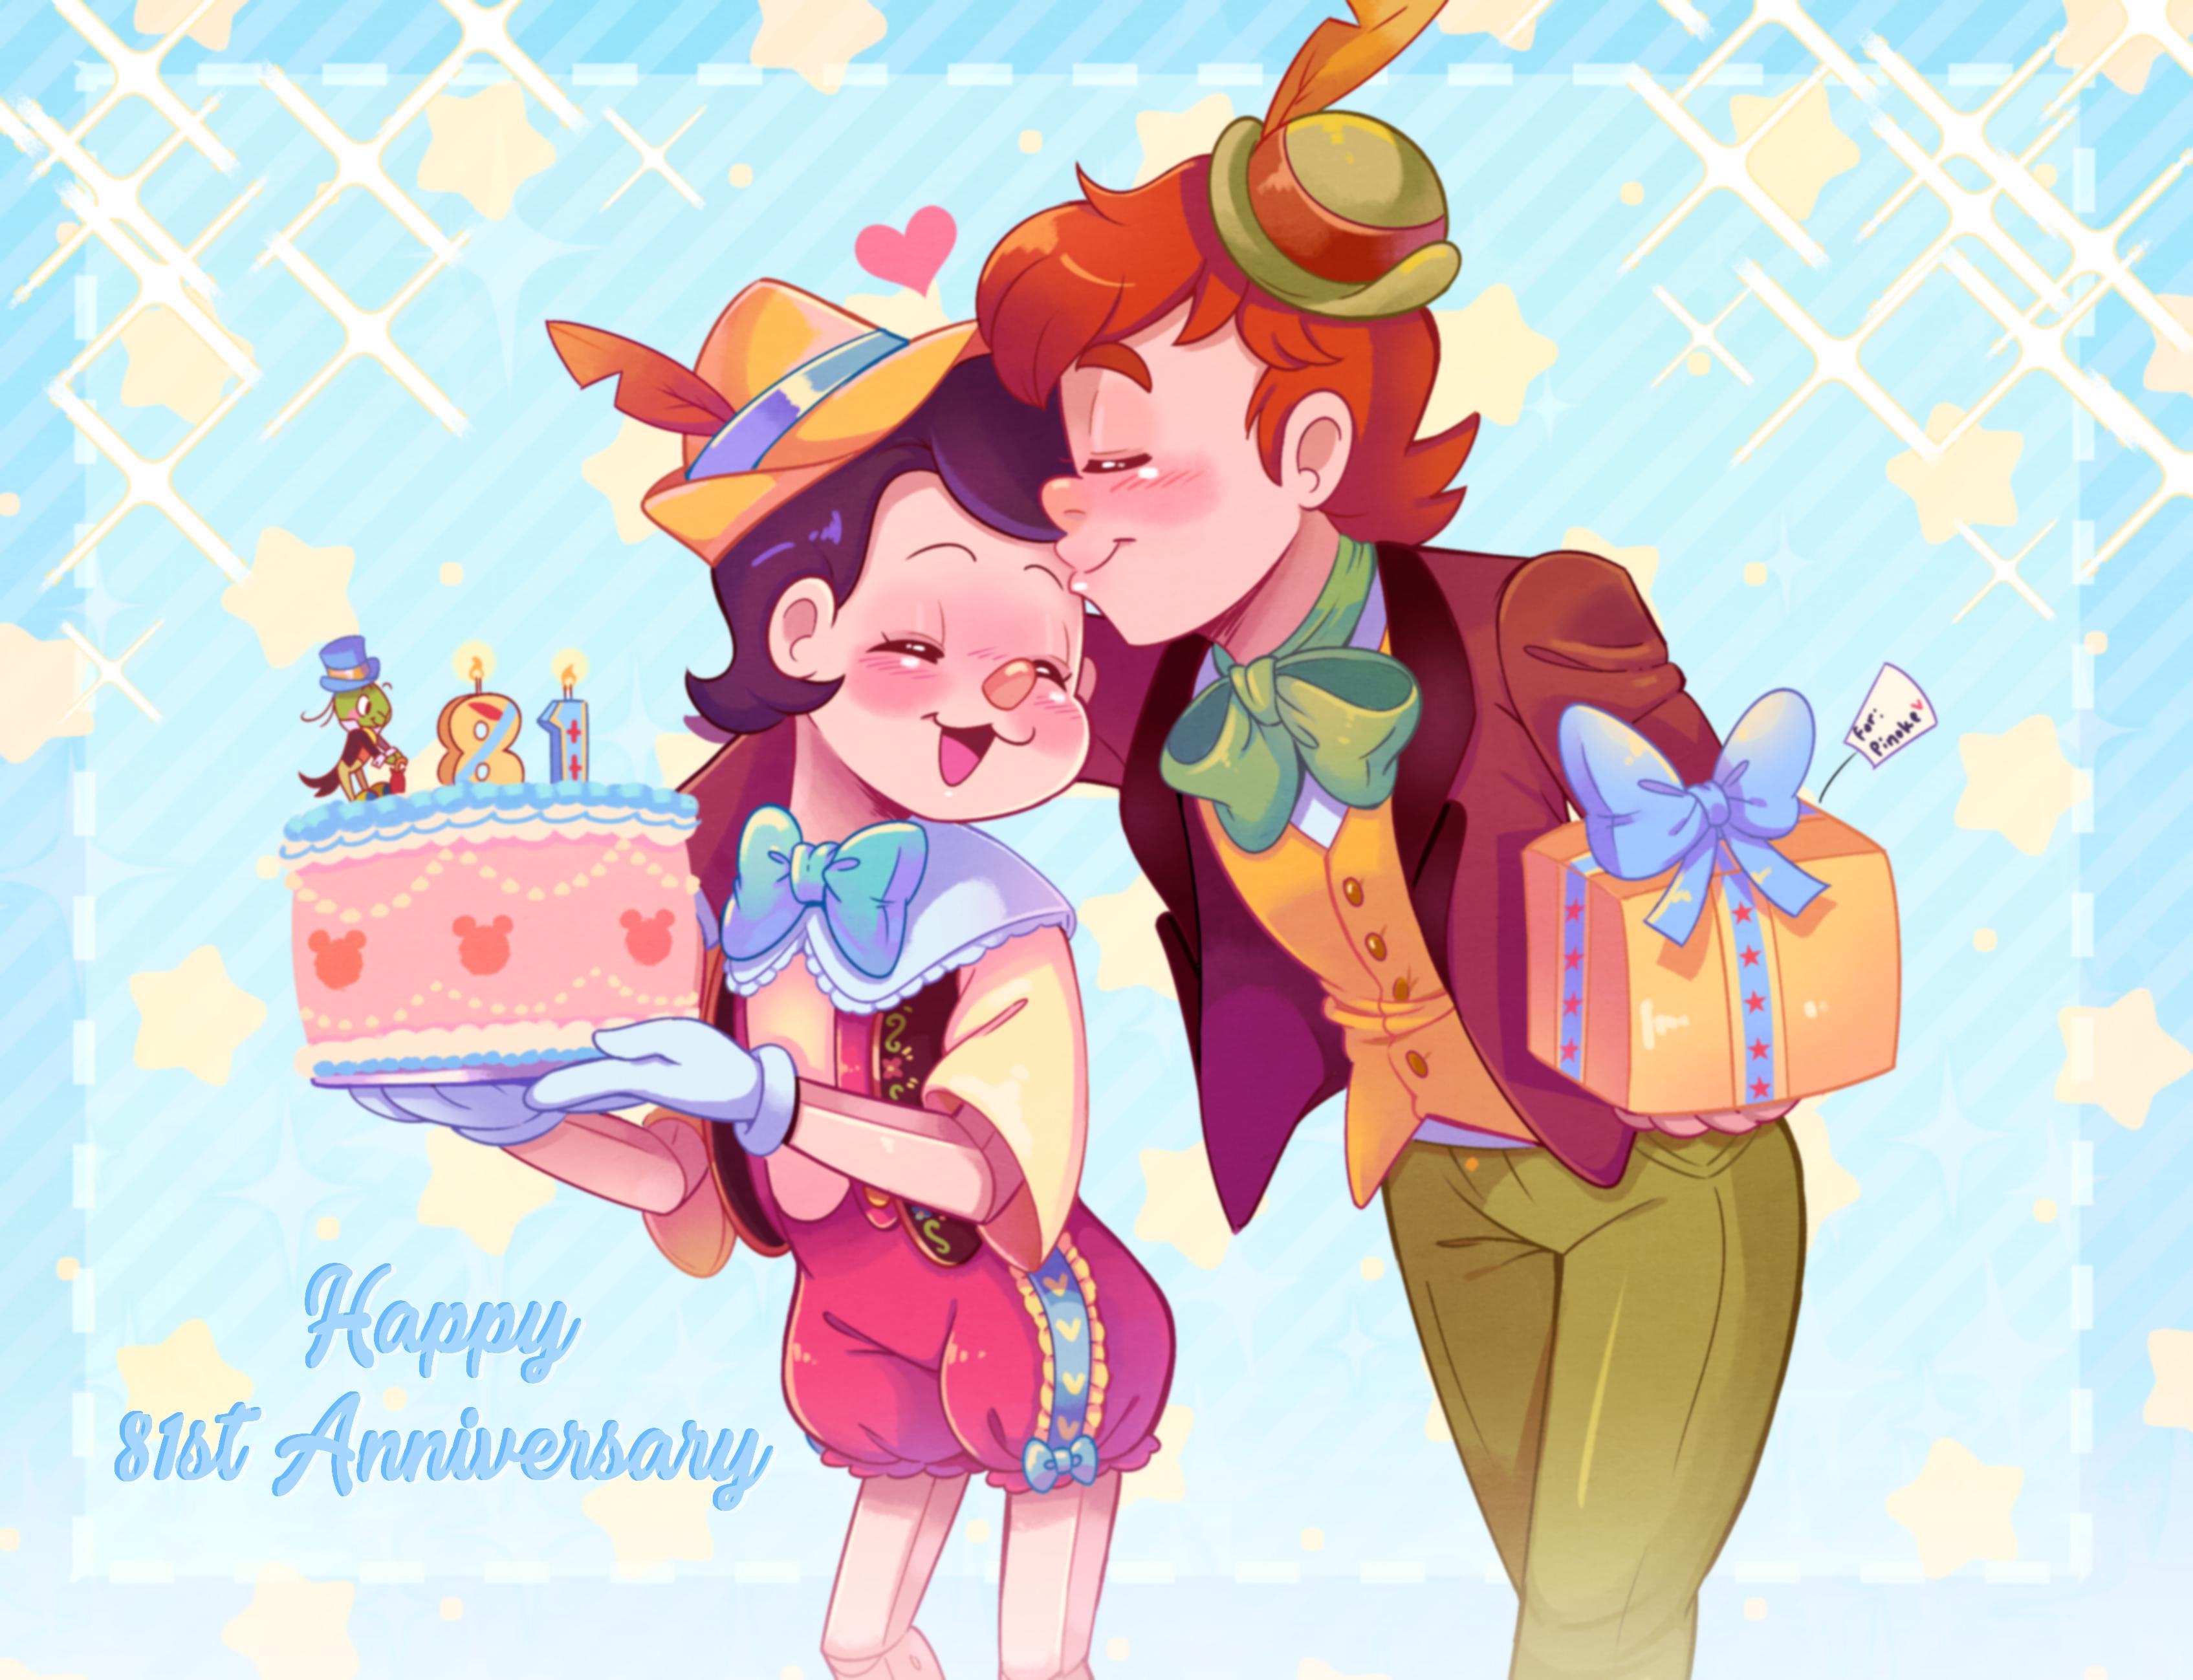 81st anniversary